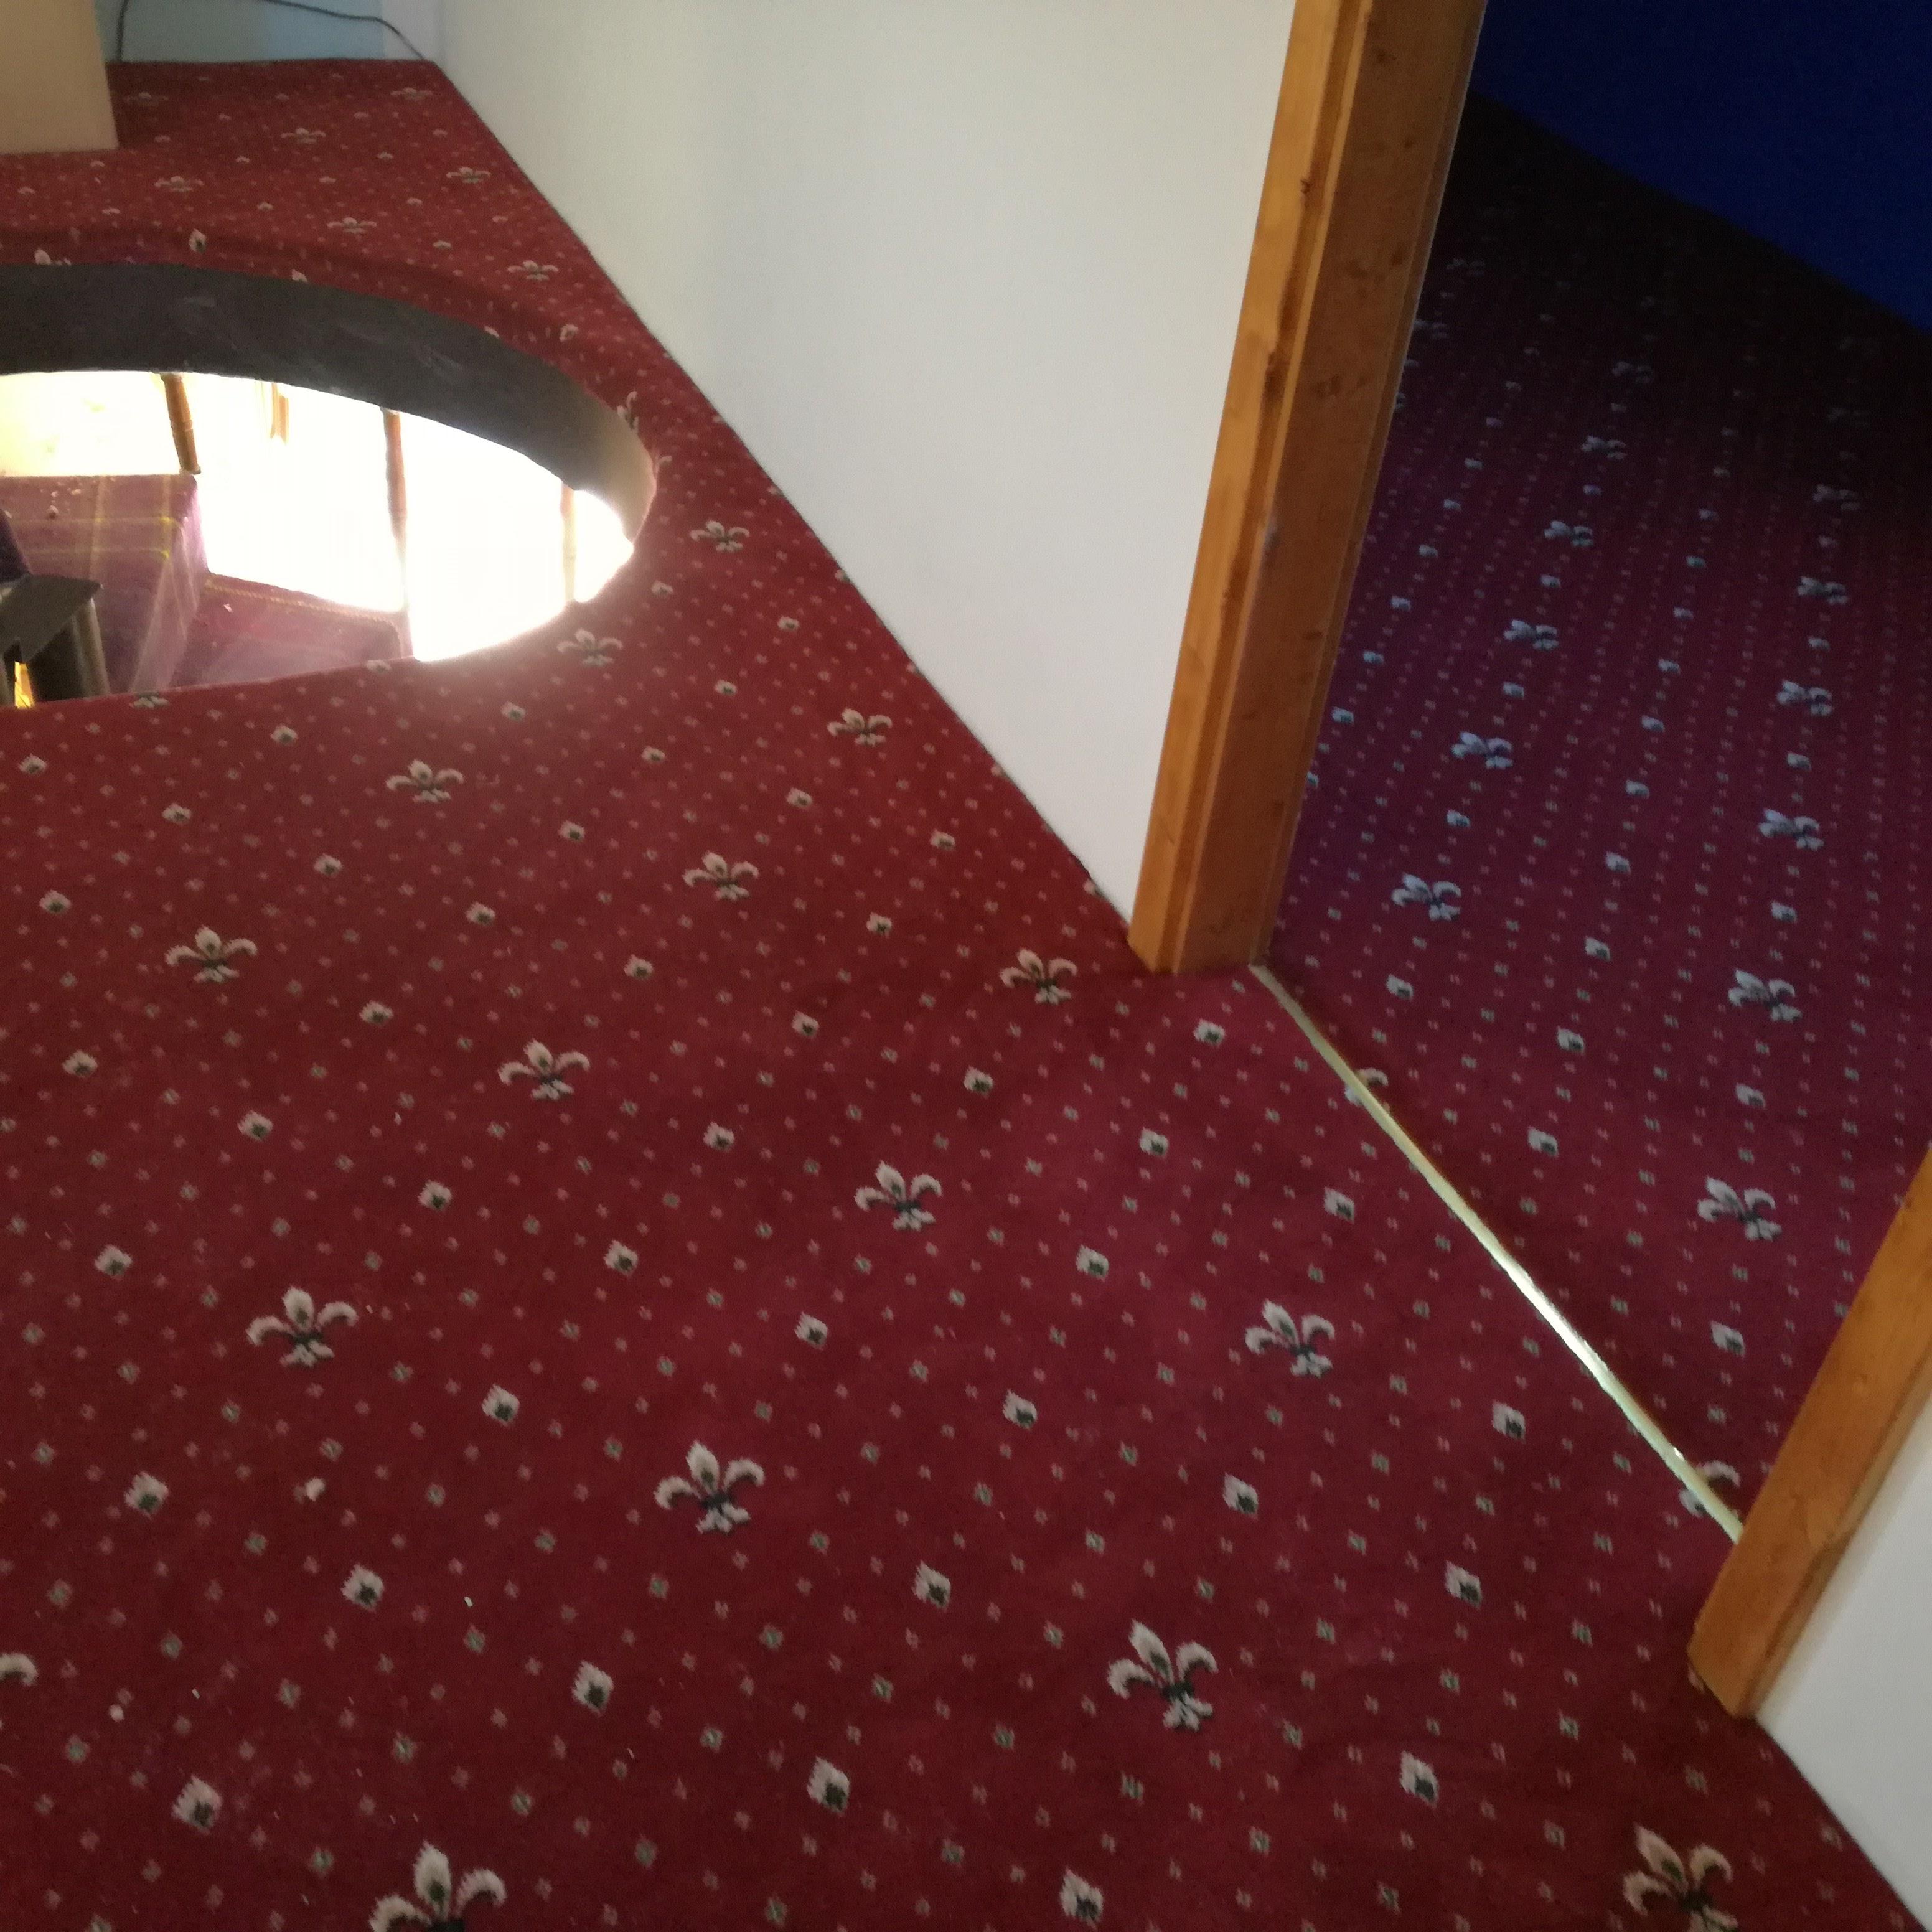 Hotellový koberce Wellington v podkroví RD